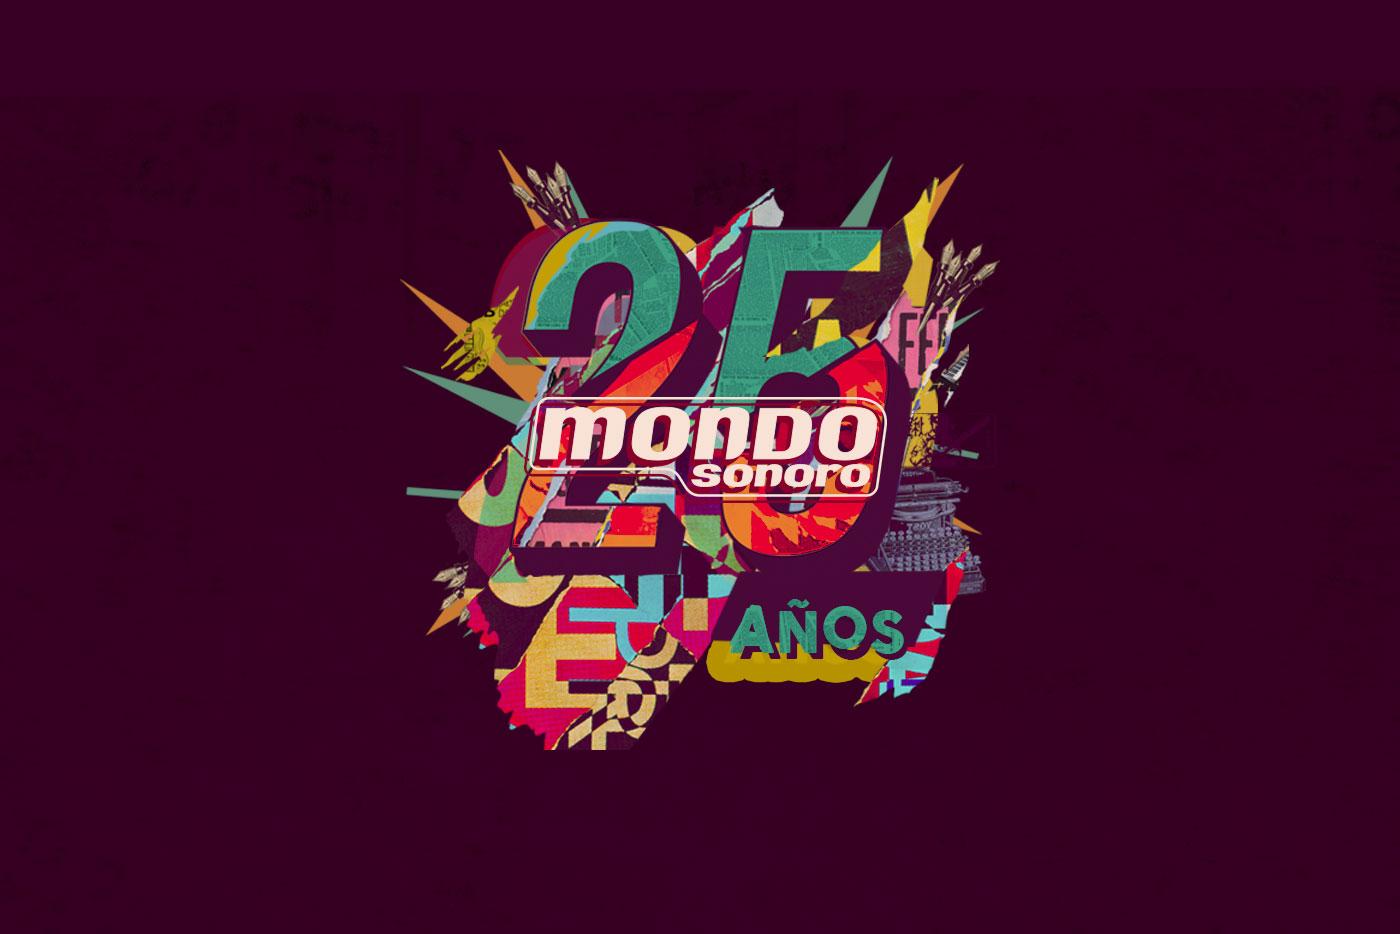 Mondo Sonoro organiza dos jornadas sobre el futuro de la música en el Espacio Fundación Telefónica